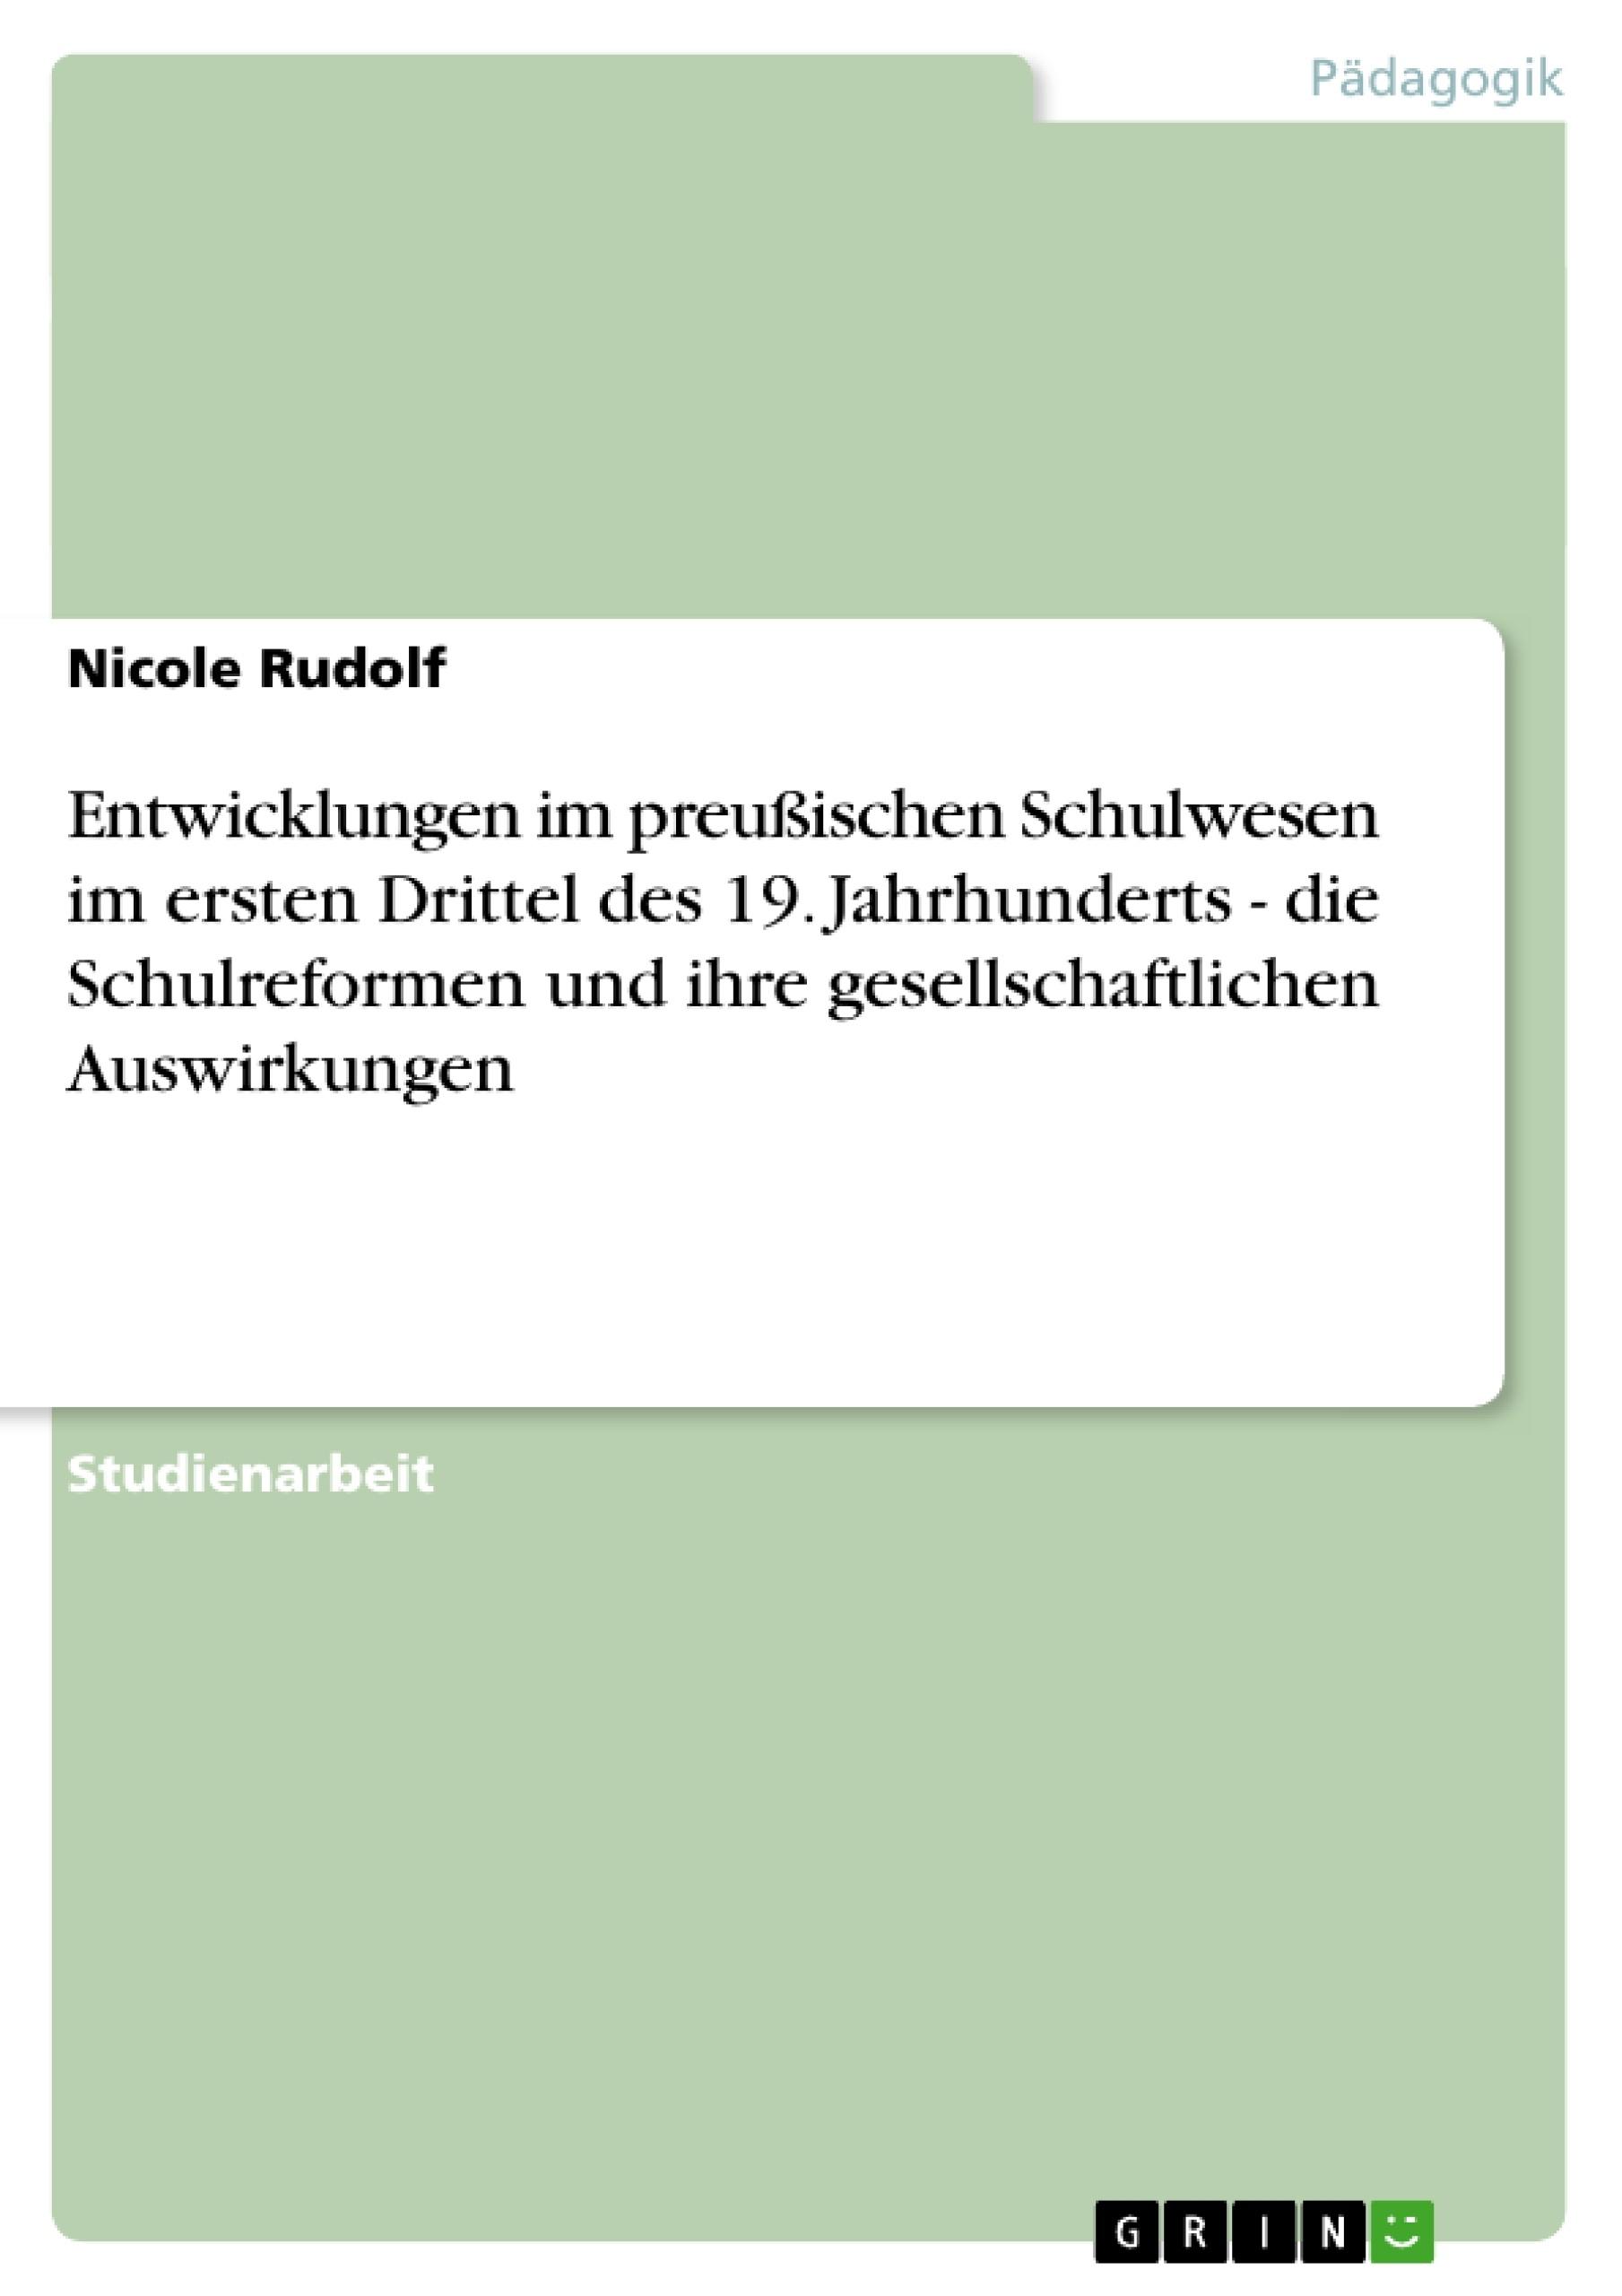 Titel: Entwicklungen im preußischen Schulwesen im ersten Drittel des 19. Jahrhunderts -  die Schulreformen und ihre gesellschaftlichen Auswirkungen